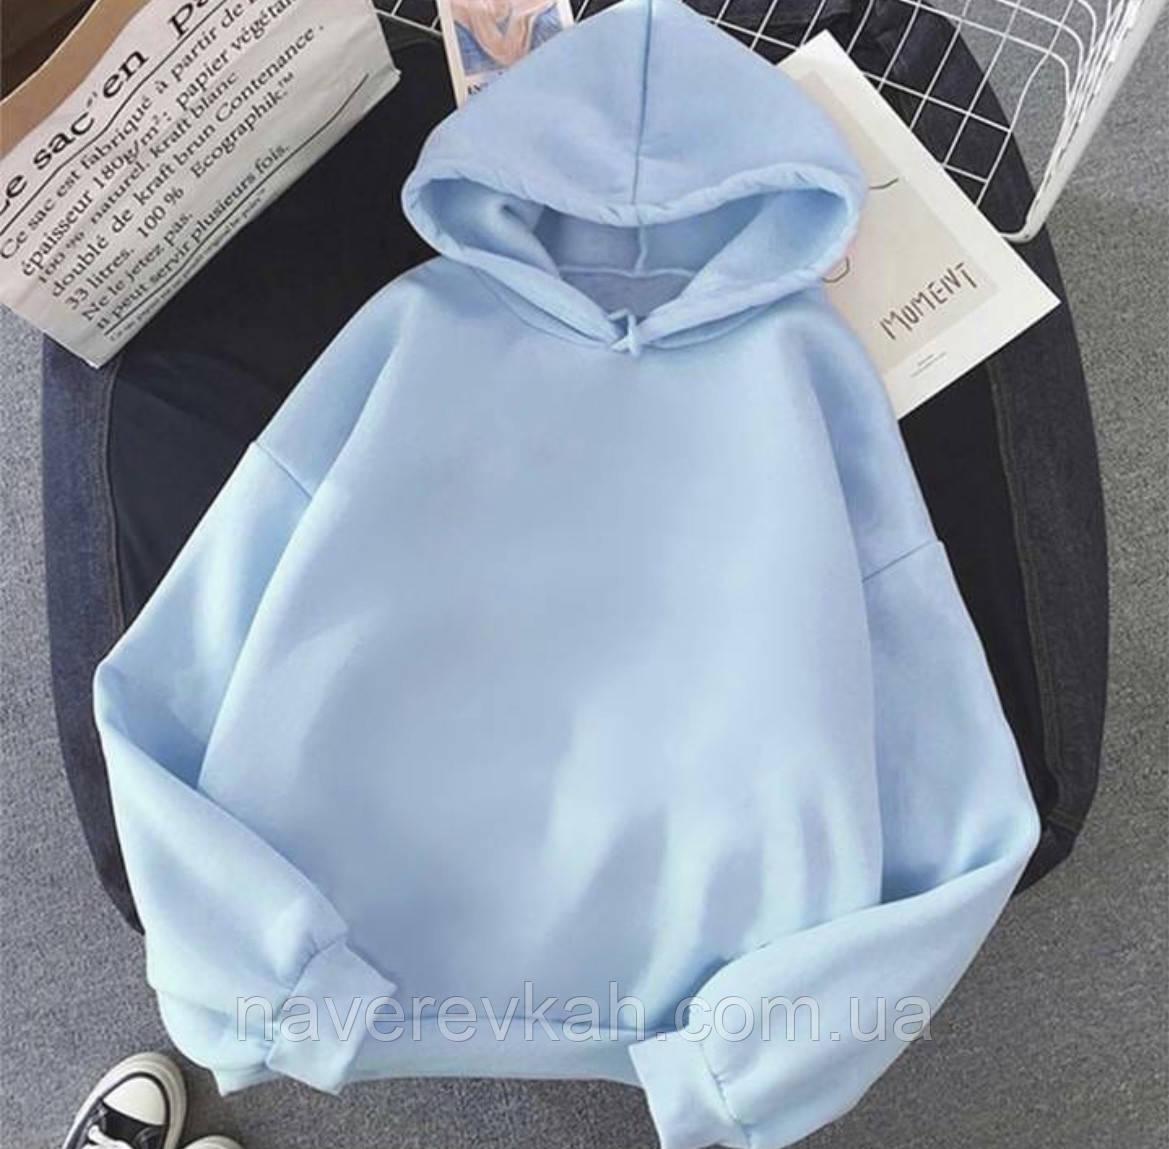 Зимний теплый худи осенний на флисе трехнитка белый голубой черный бежевый  42-44 46-48 женский хит